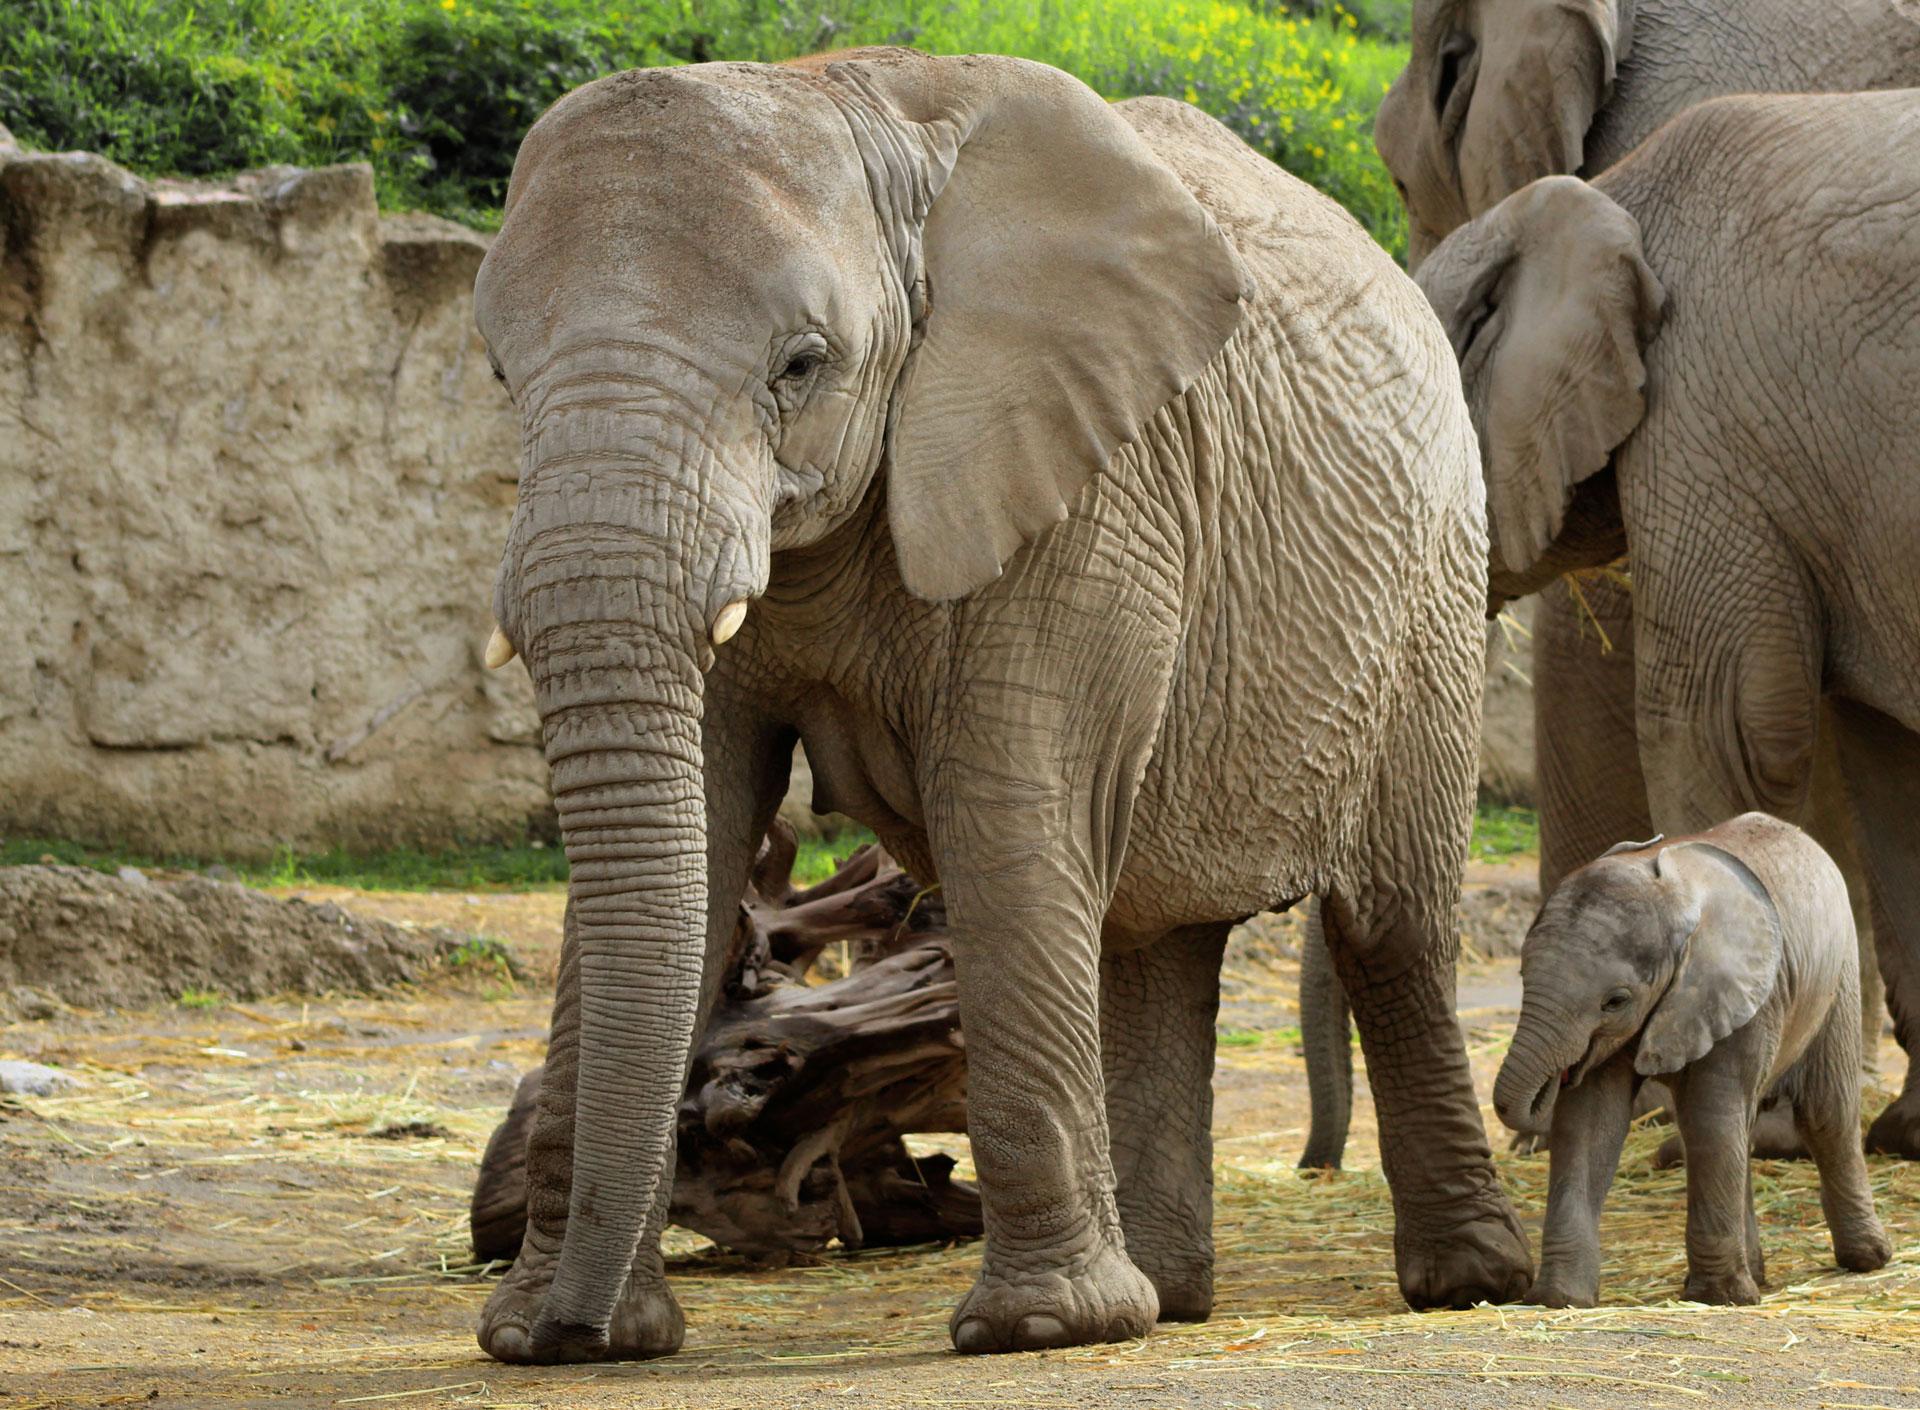 Se puede ver deambulando a elefantes, cebras, leones, jirafas y una gran cantidad de especies